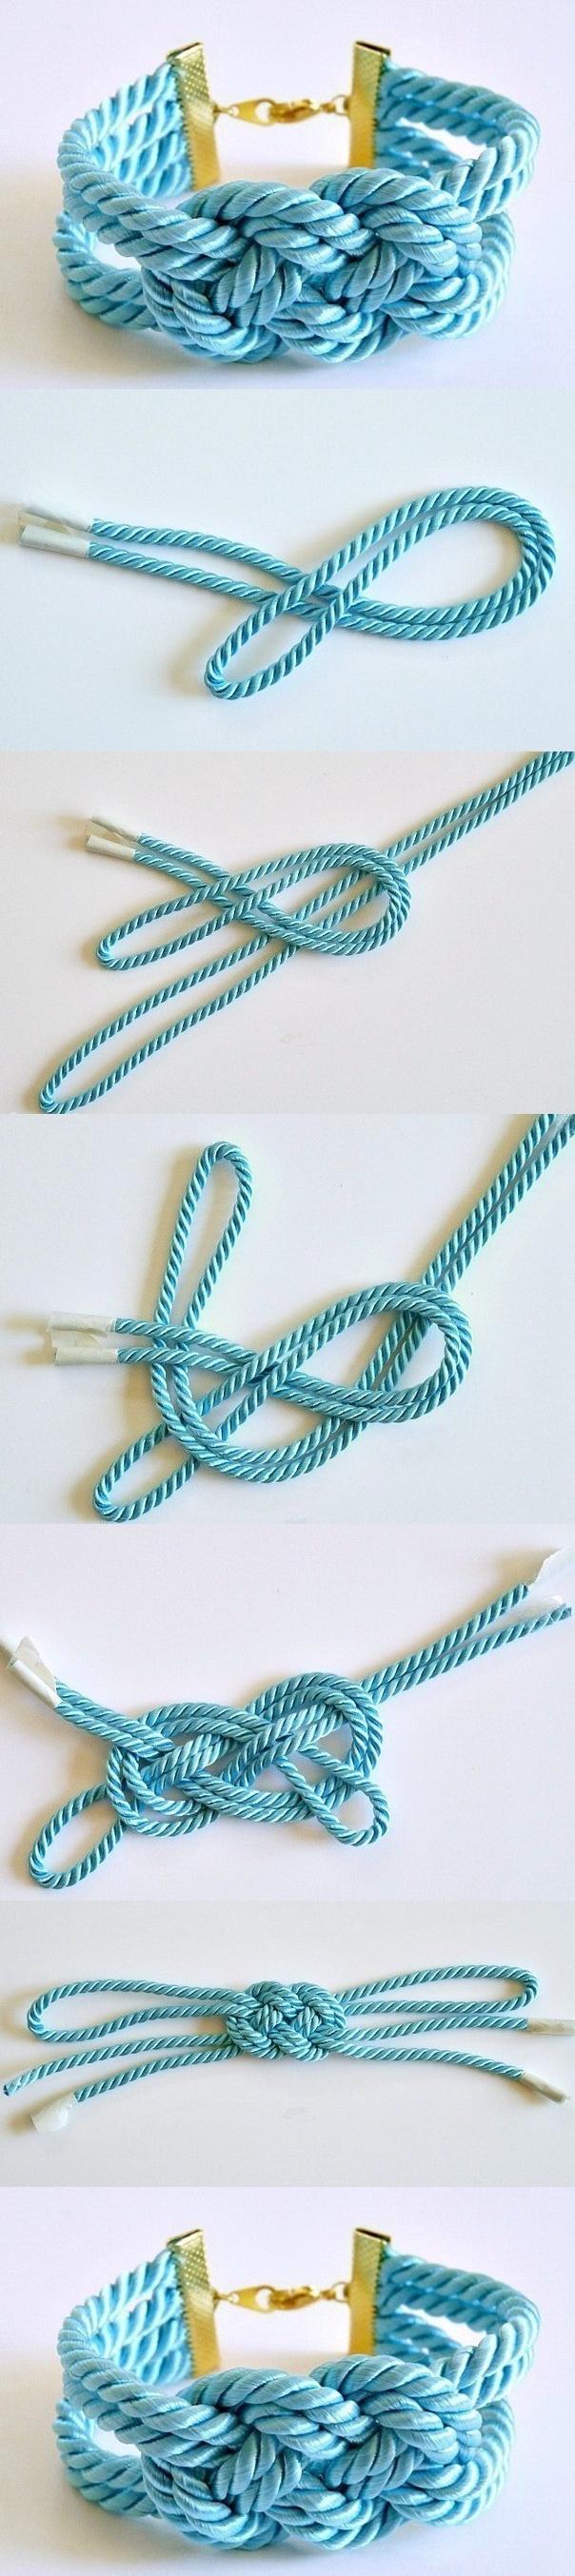 nylon rope bracelet